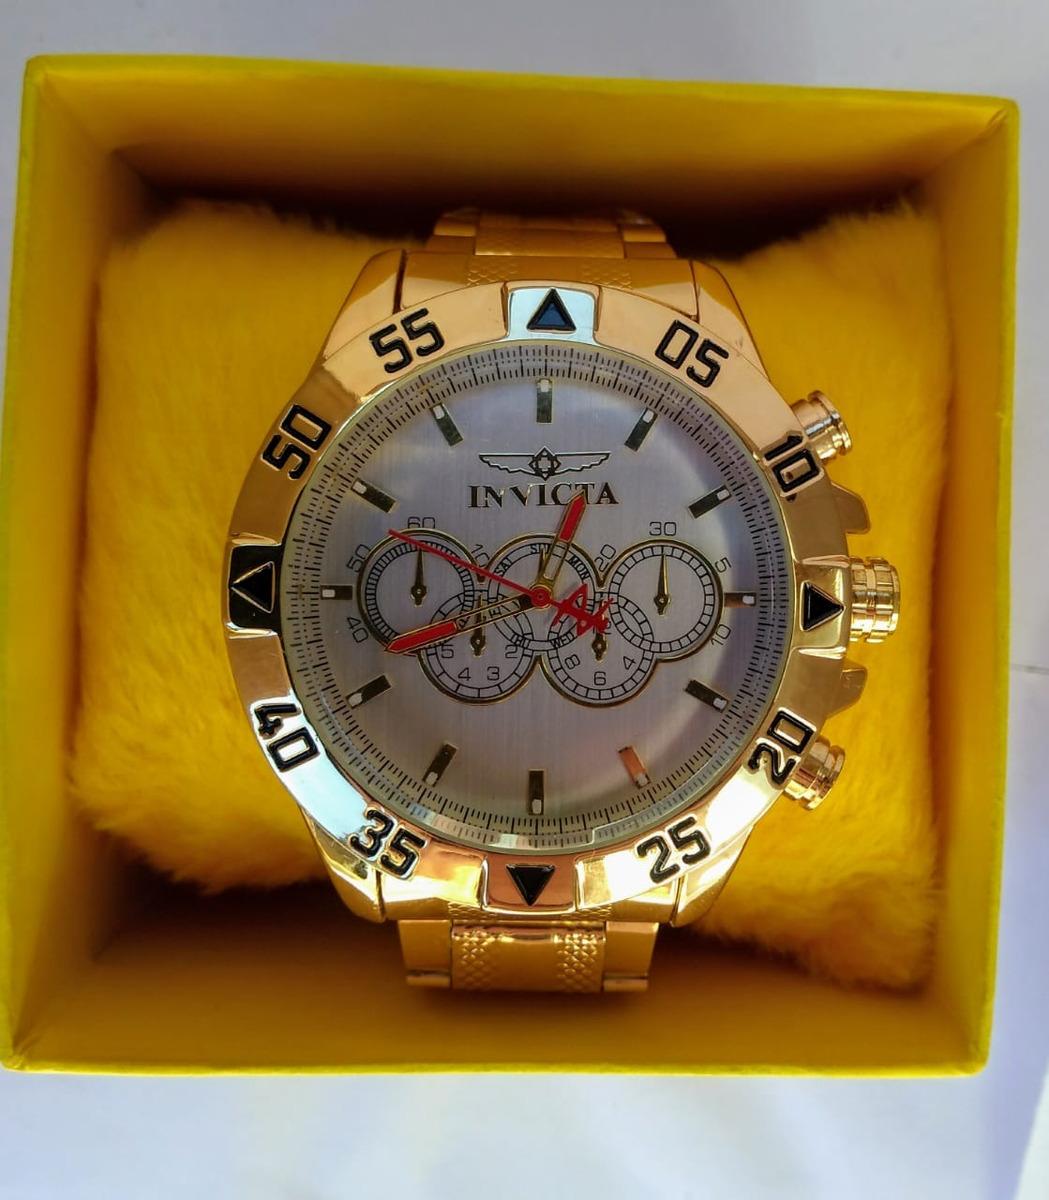 32adfd513b3c7 Relogio Masculino Dourado Luxo Atacado Revender Promoção C 5 - R  149